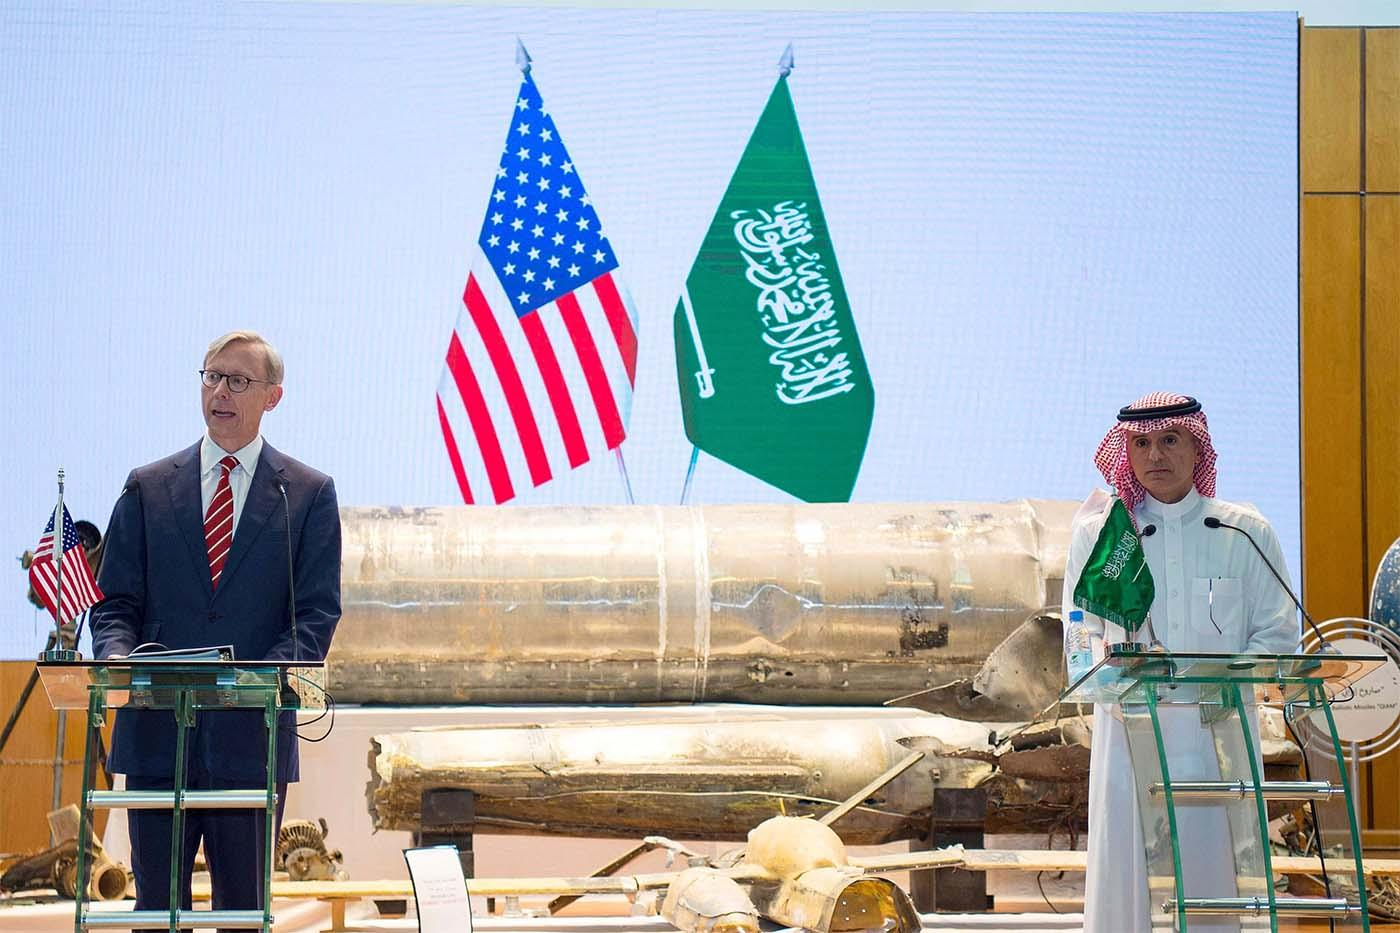 المبعوث الأميركي الأسبق لإيران براين هوك مع وزير الدولة السعودية في استعراض لصواريخ قالا أنها صناعة إيرانية (واس)